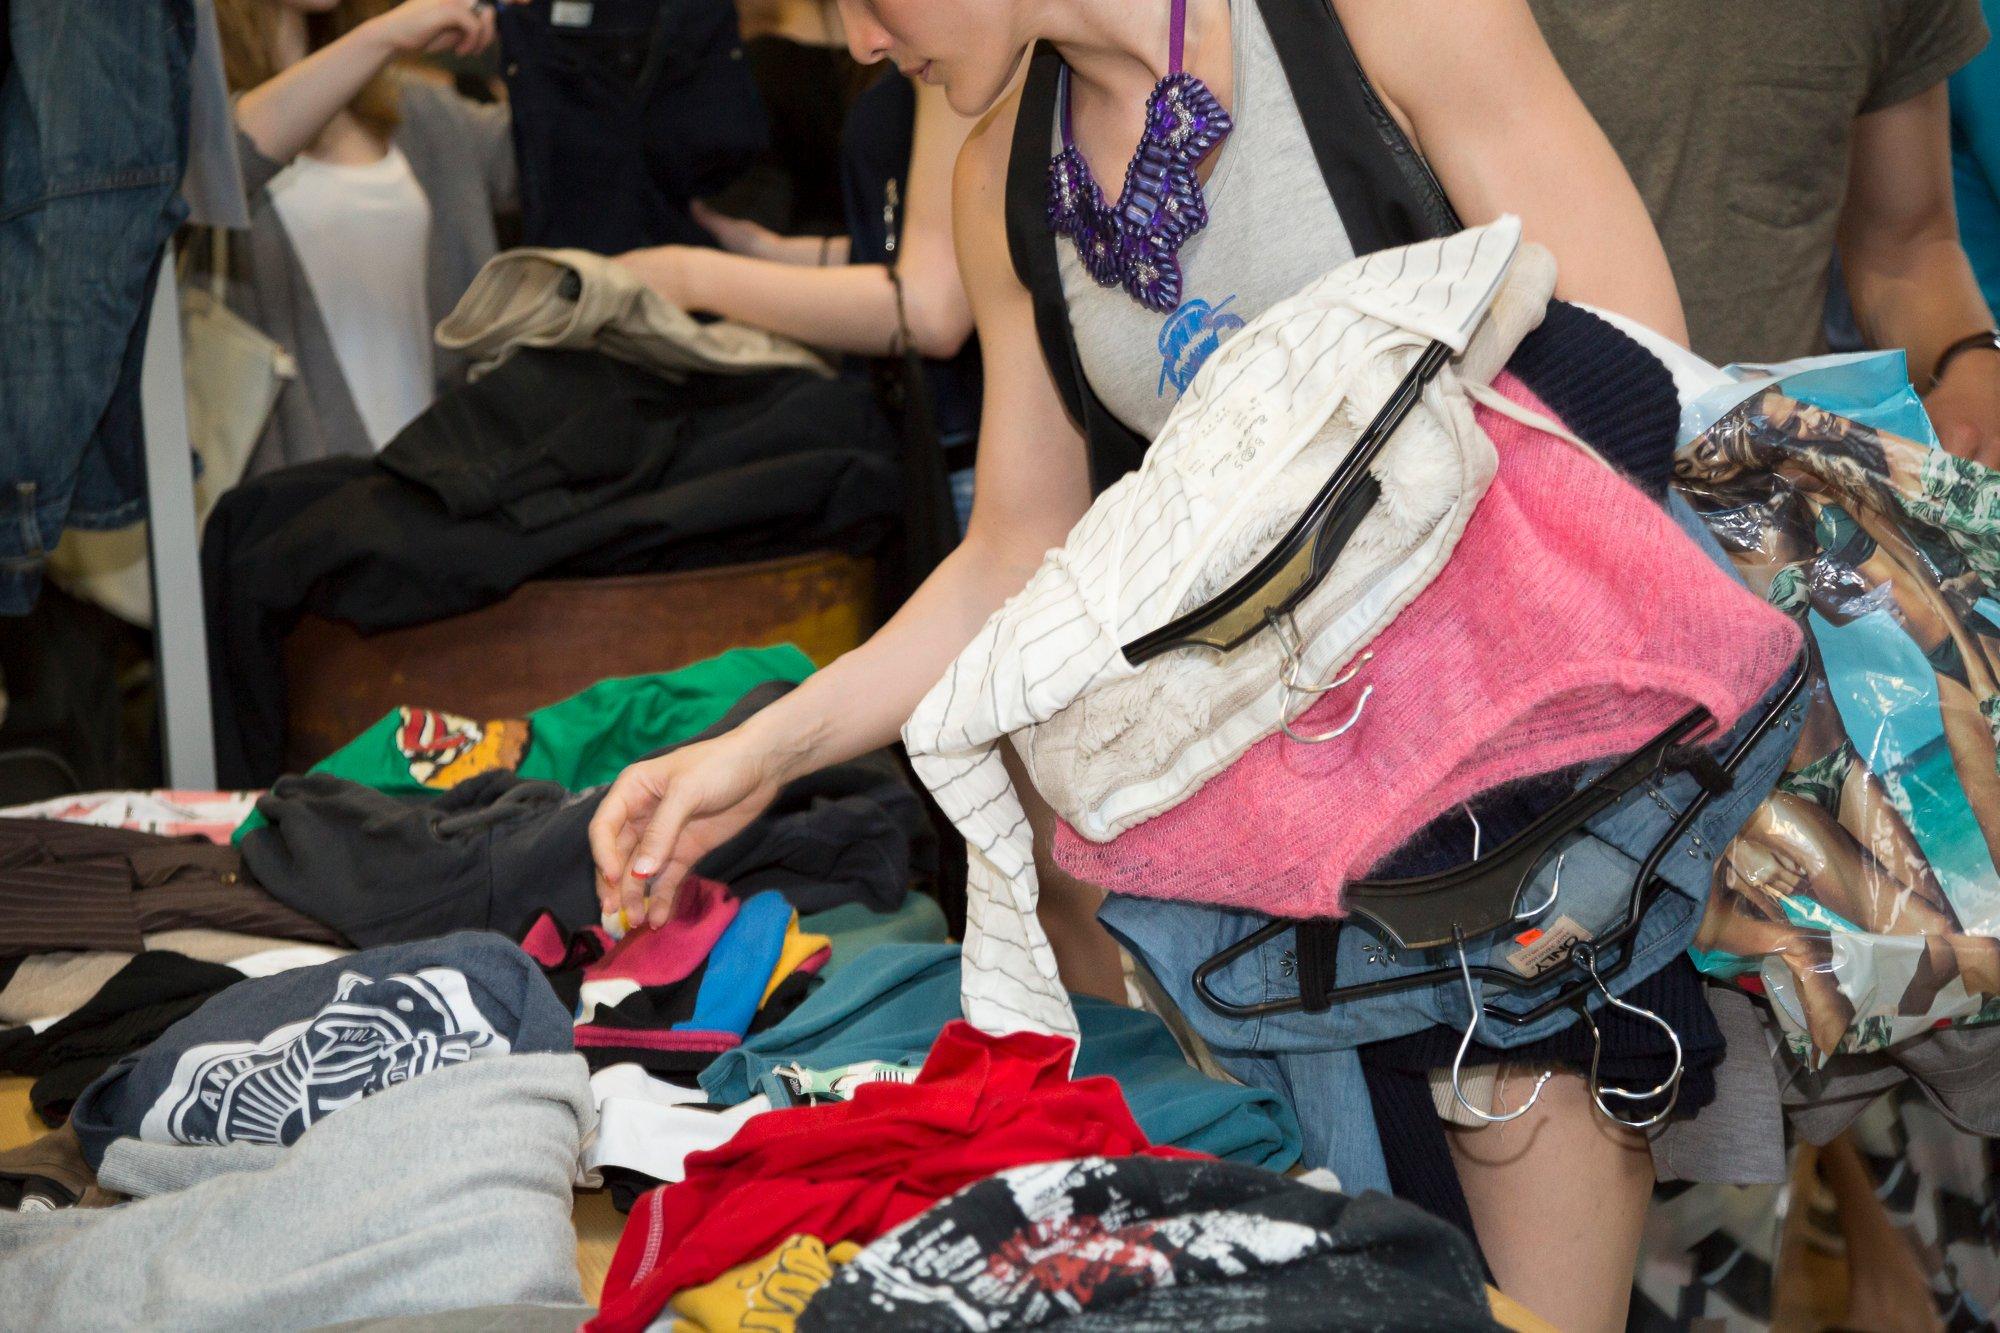 時尚與服飾占網路消費的最大宗,加上平價快時尚產業的推波助瀾,許多人在衝動之下買回不需要的衣服。